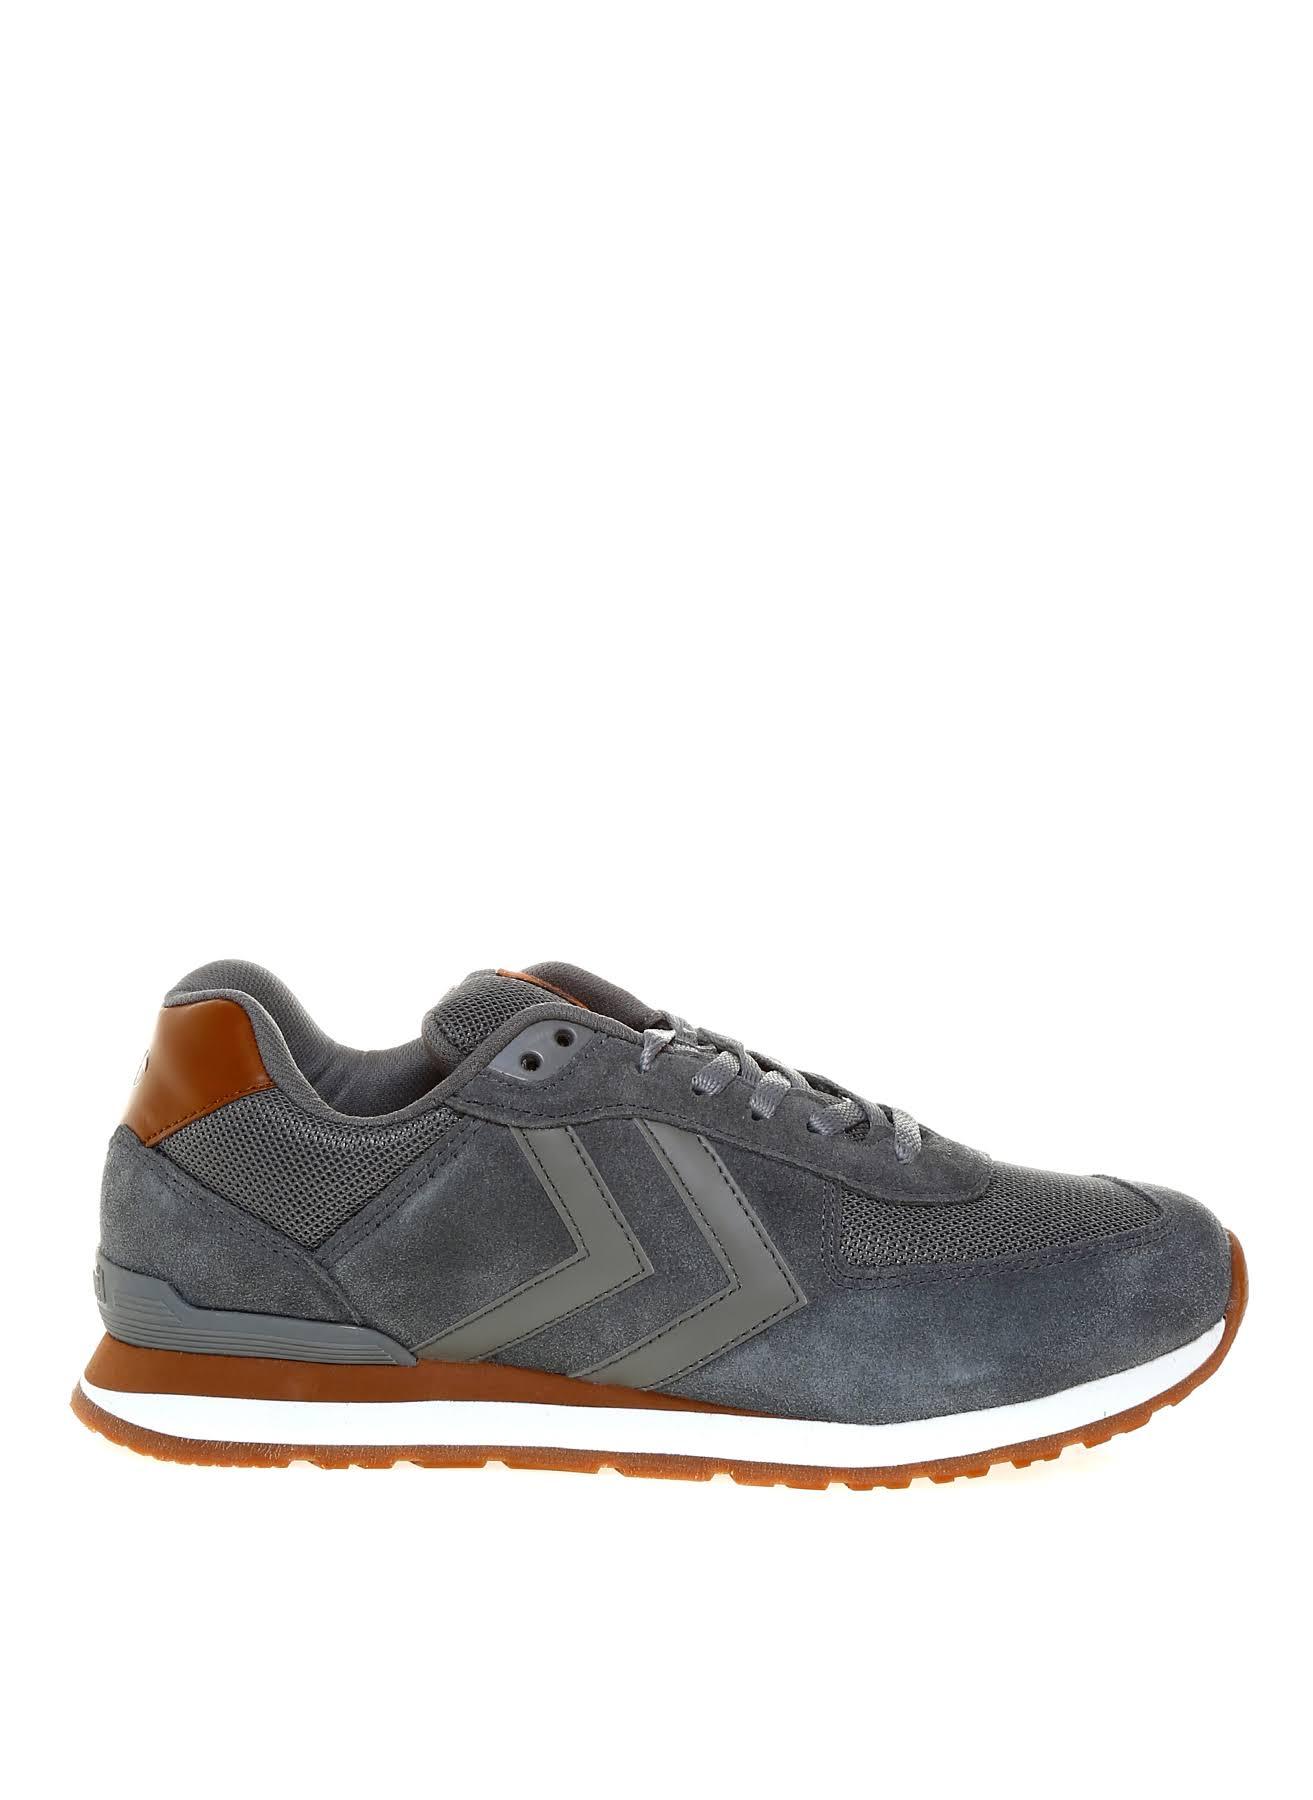 Ayakkabı Wıld Gri 2327 Hummel Dove 203428 Eightyone SwqBBP8